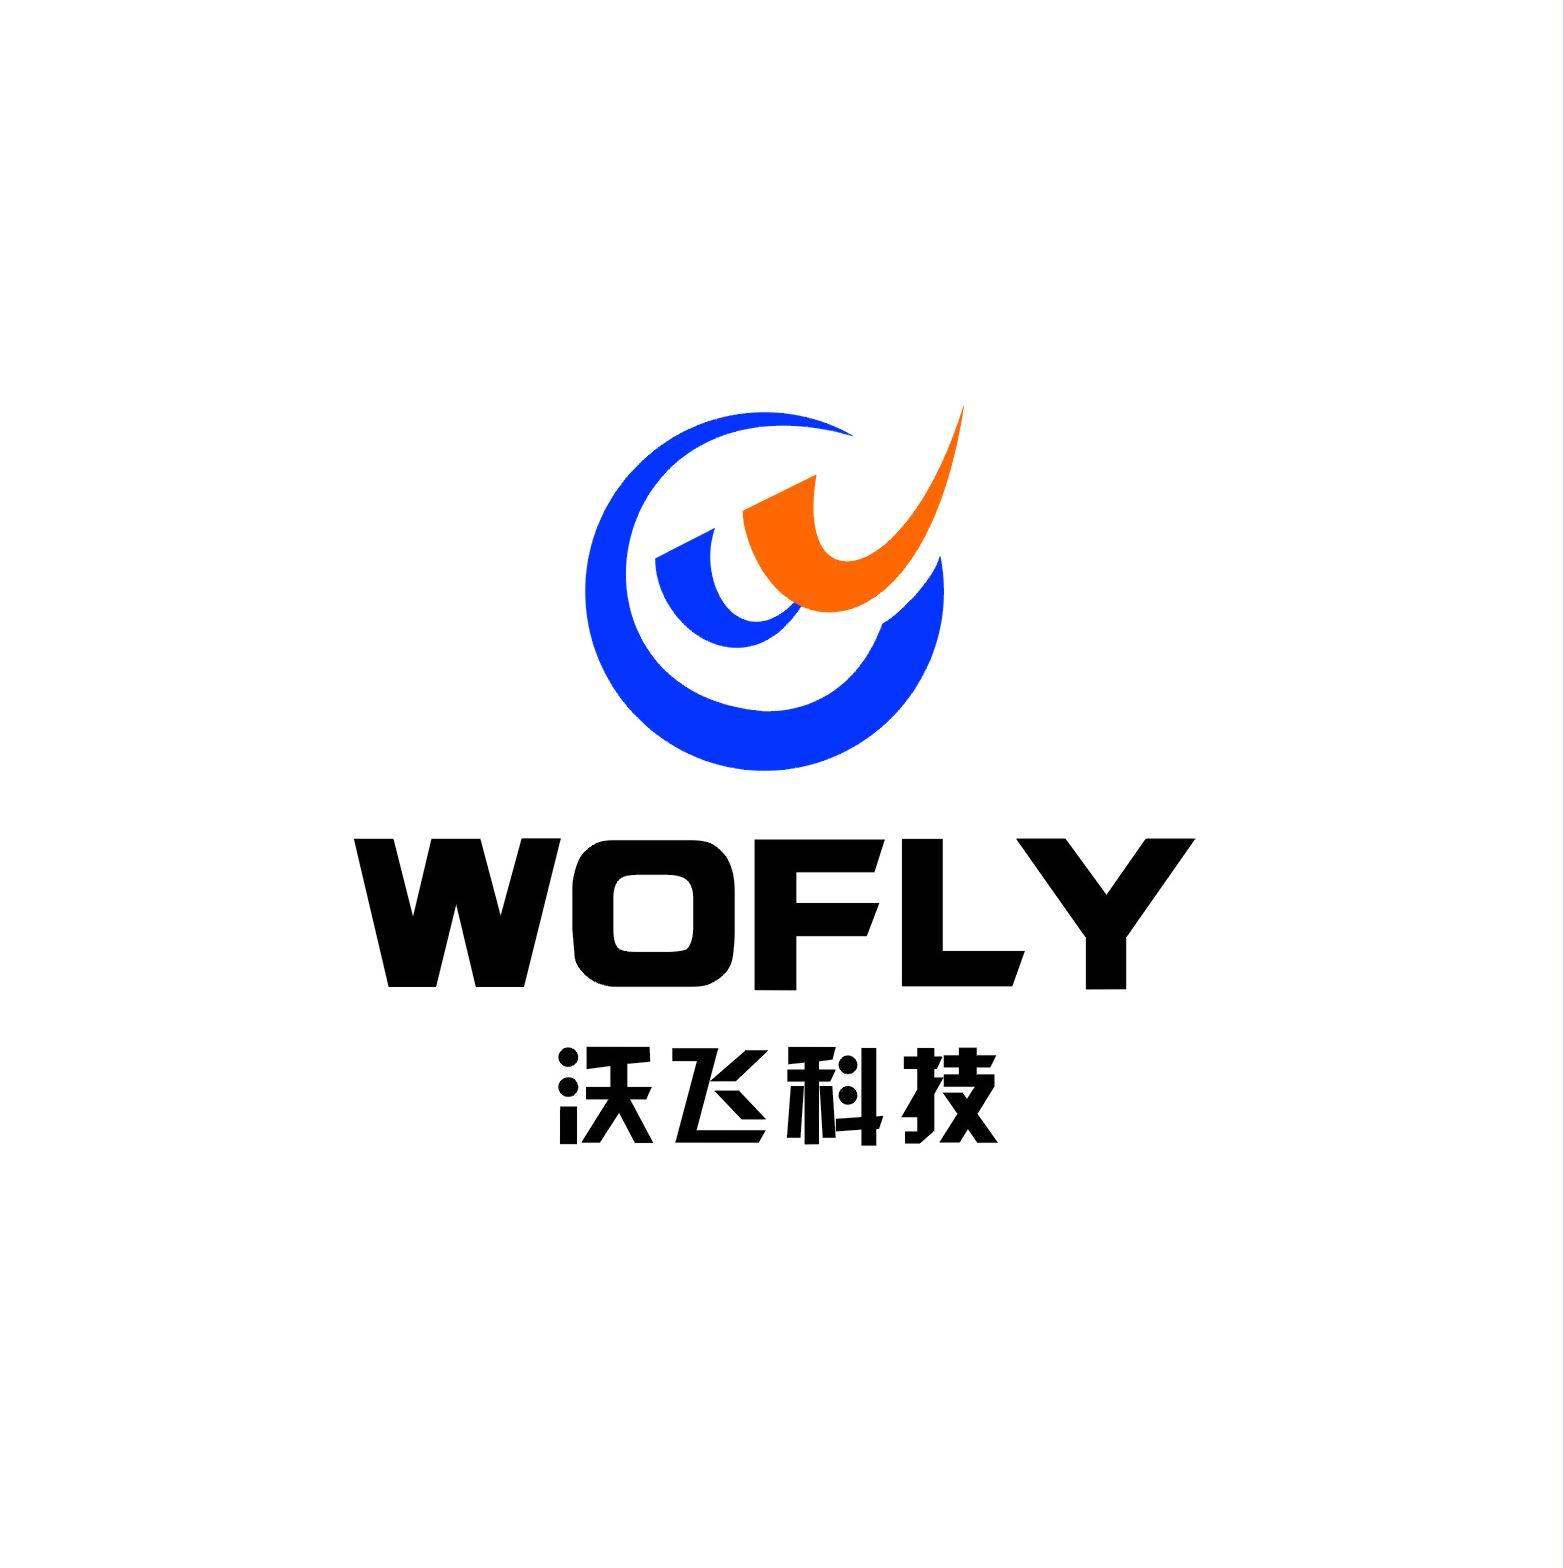 深圳沃飞科技有限公司